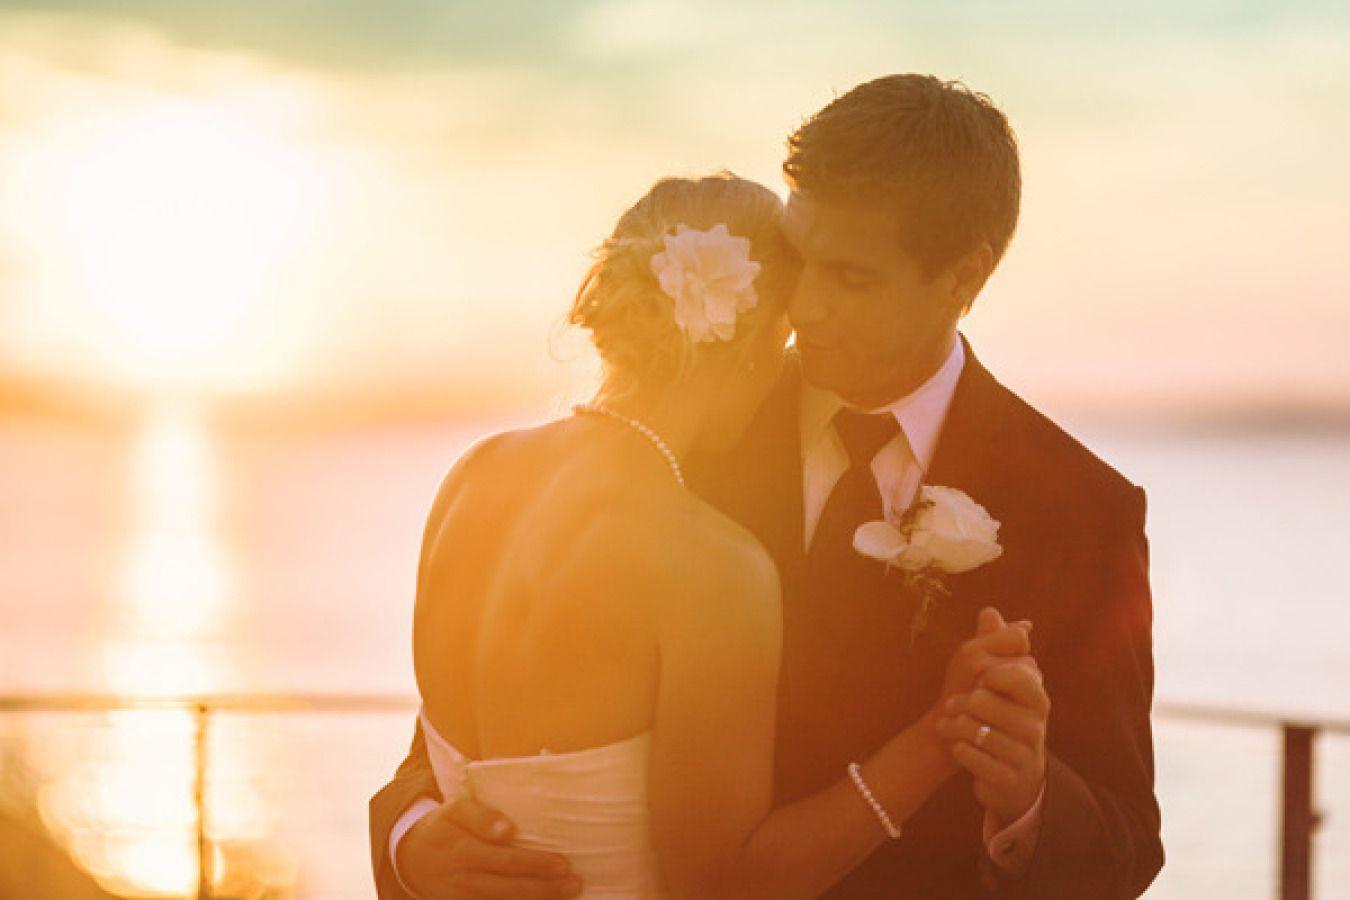 zach_kim_smp_canada124x900 Noiva! Pare em alguns momentos para relaxar durante o planejamento do casamento!